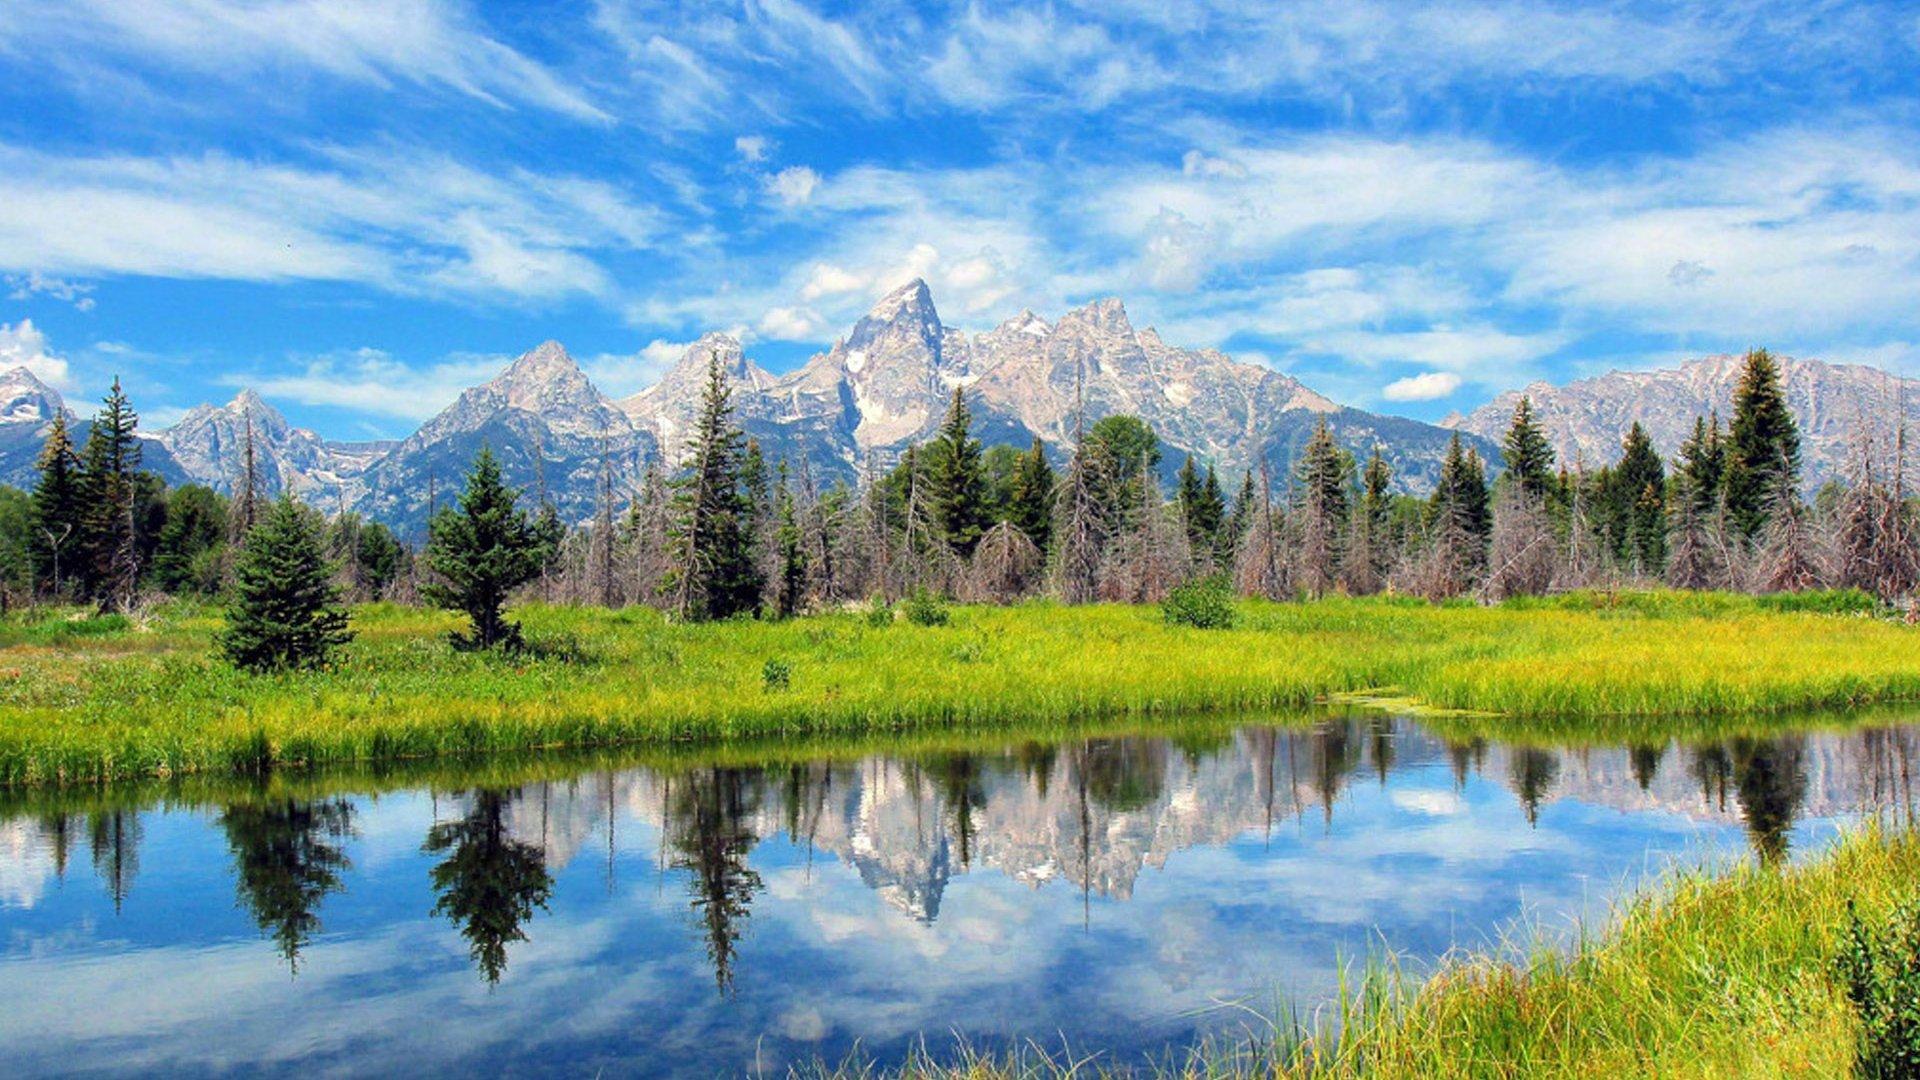 绿色清新养眼自然风景桌面壁纸_图片新闻_东方头条